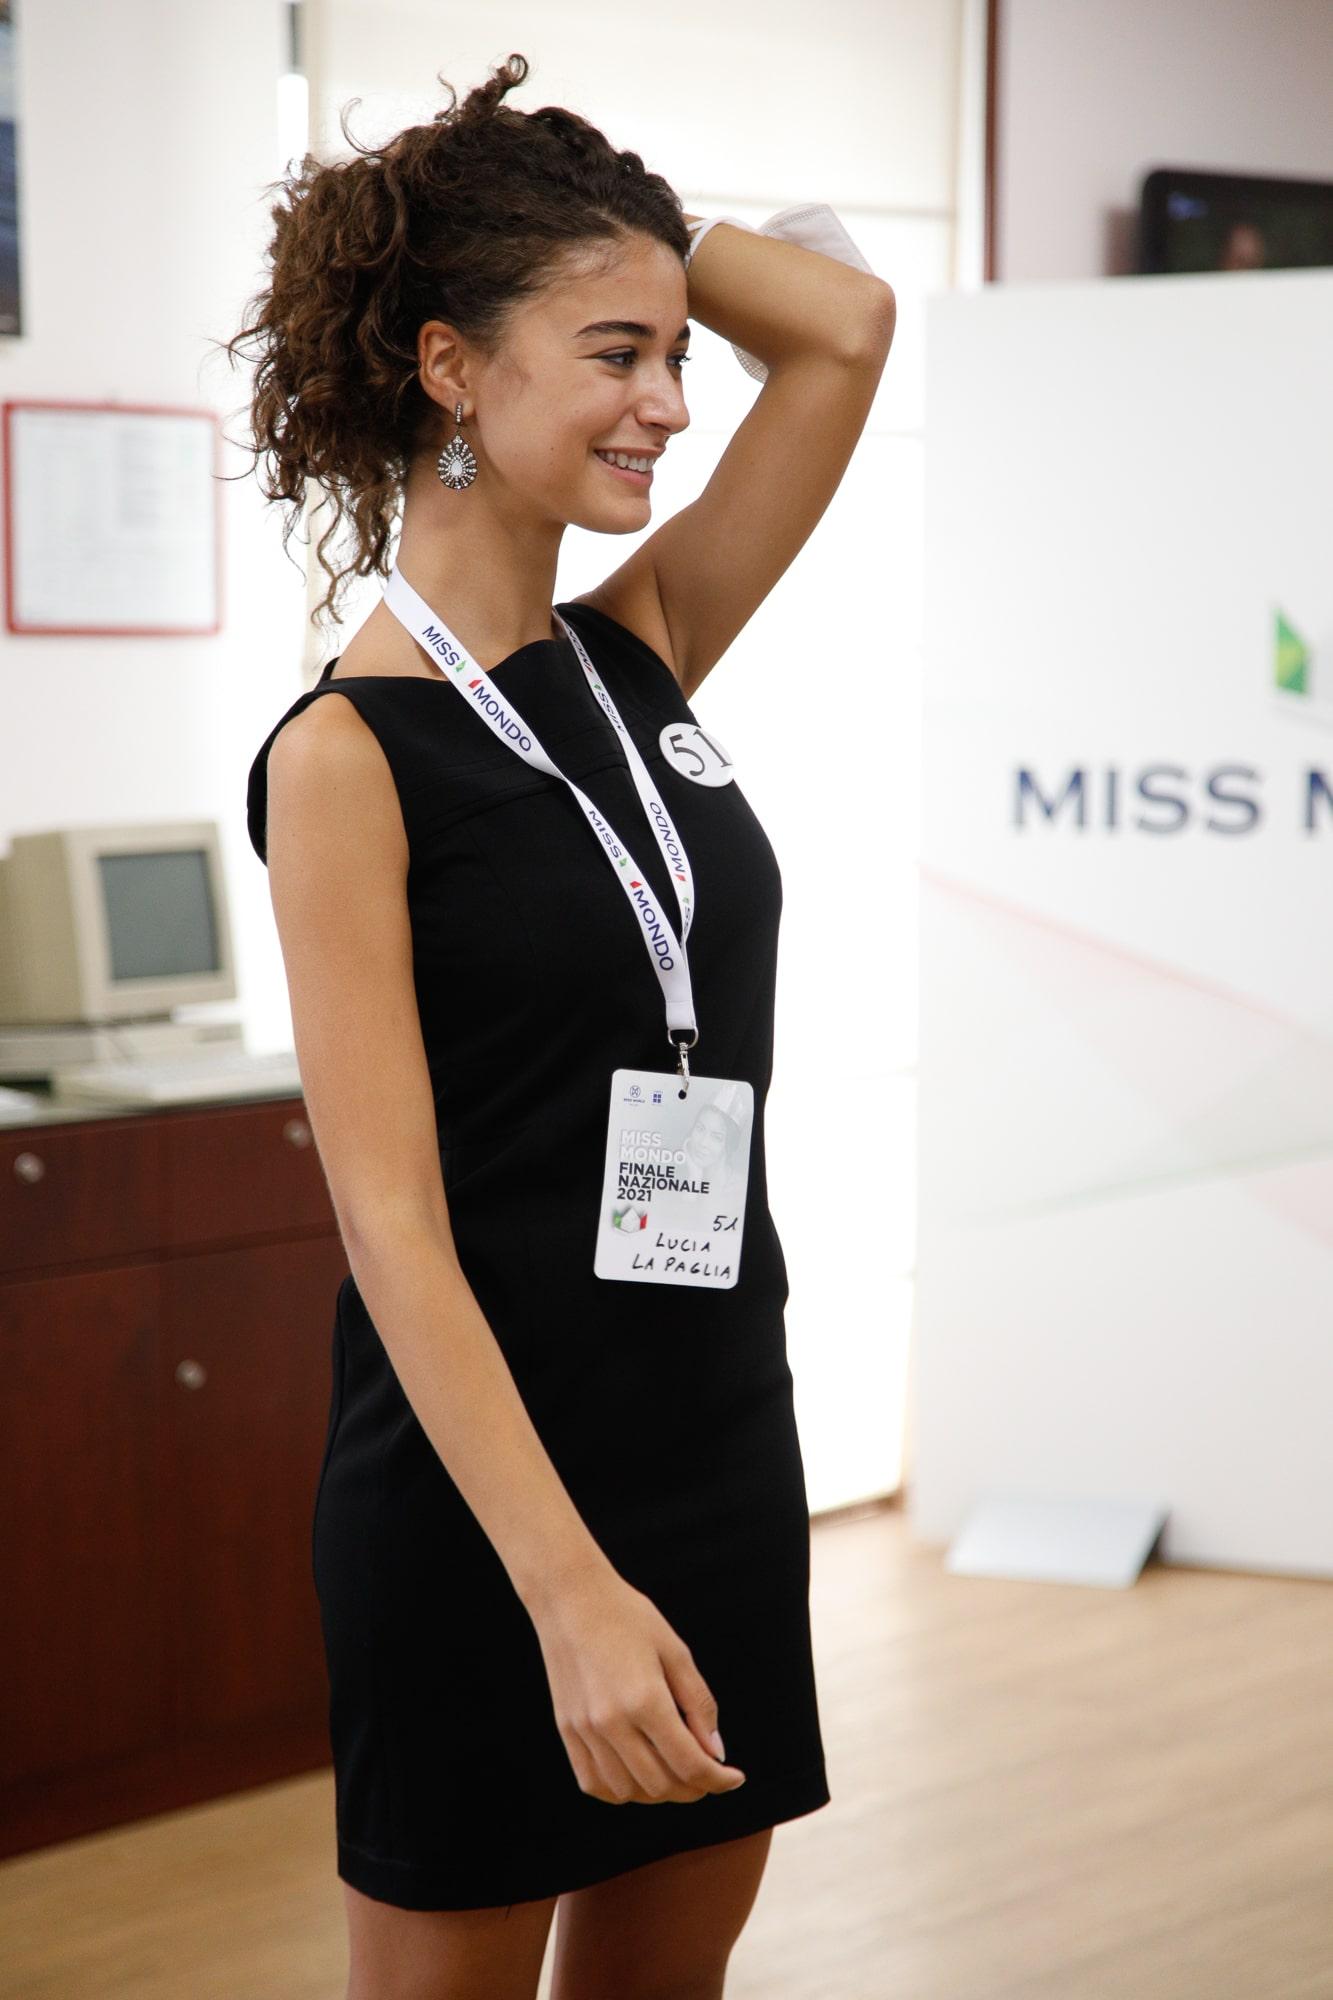 Secondo passaggio giuria per le ragazze di Missmondo Italia 2021 - 27